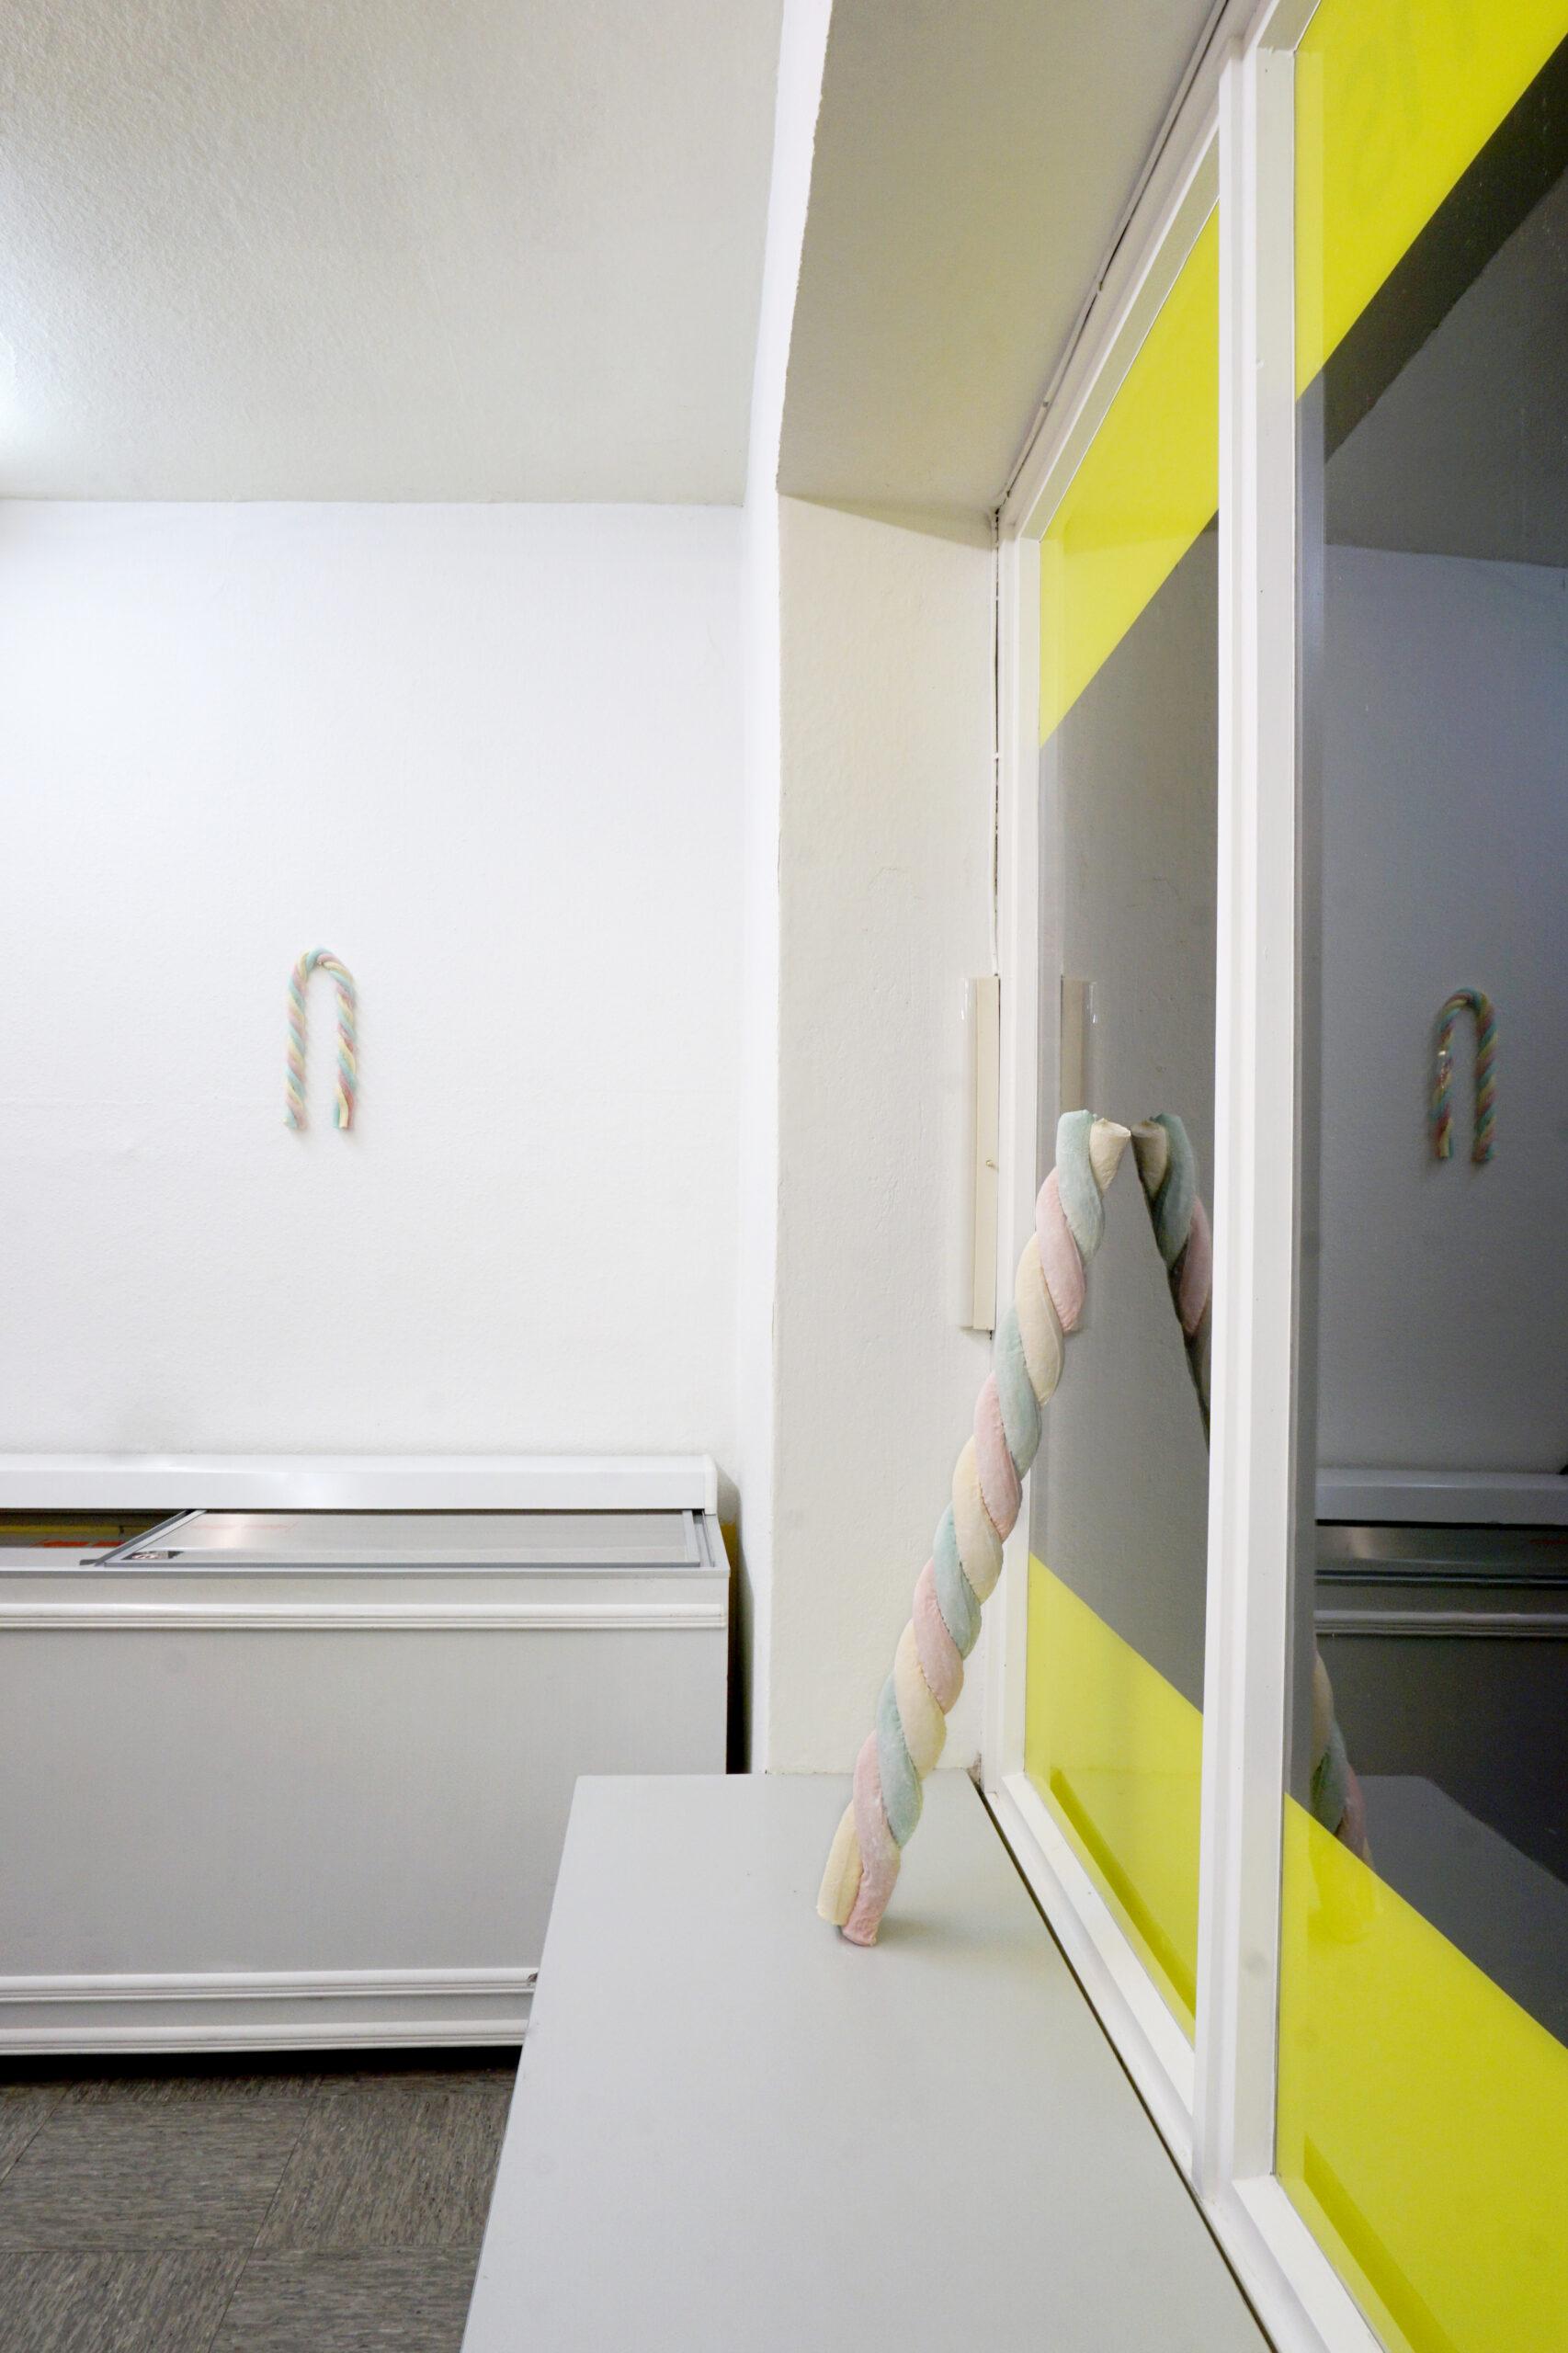 Sculptor's Delight, Installationsansichten der gleichnahmigen Skulpturengruppe und Ausstellung von Anneke Kleimann im Kunstbetrieb Dahms, 2019/20, Copyright: Anneke Kleimann